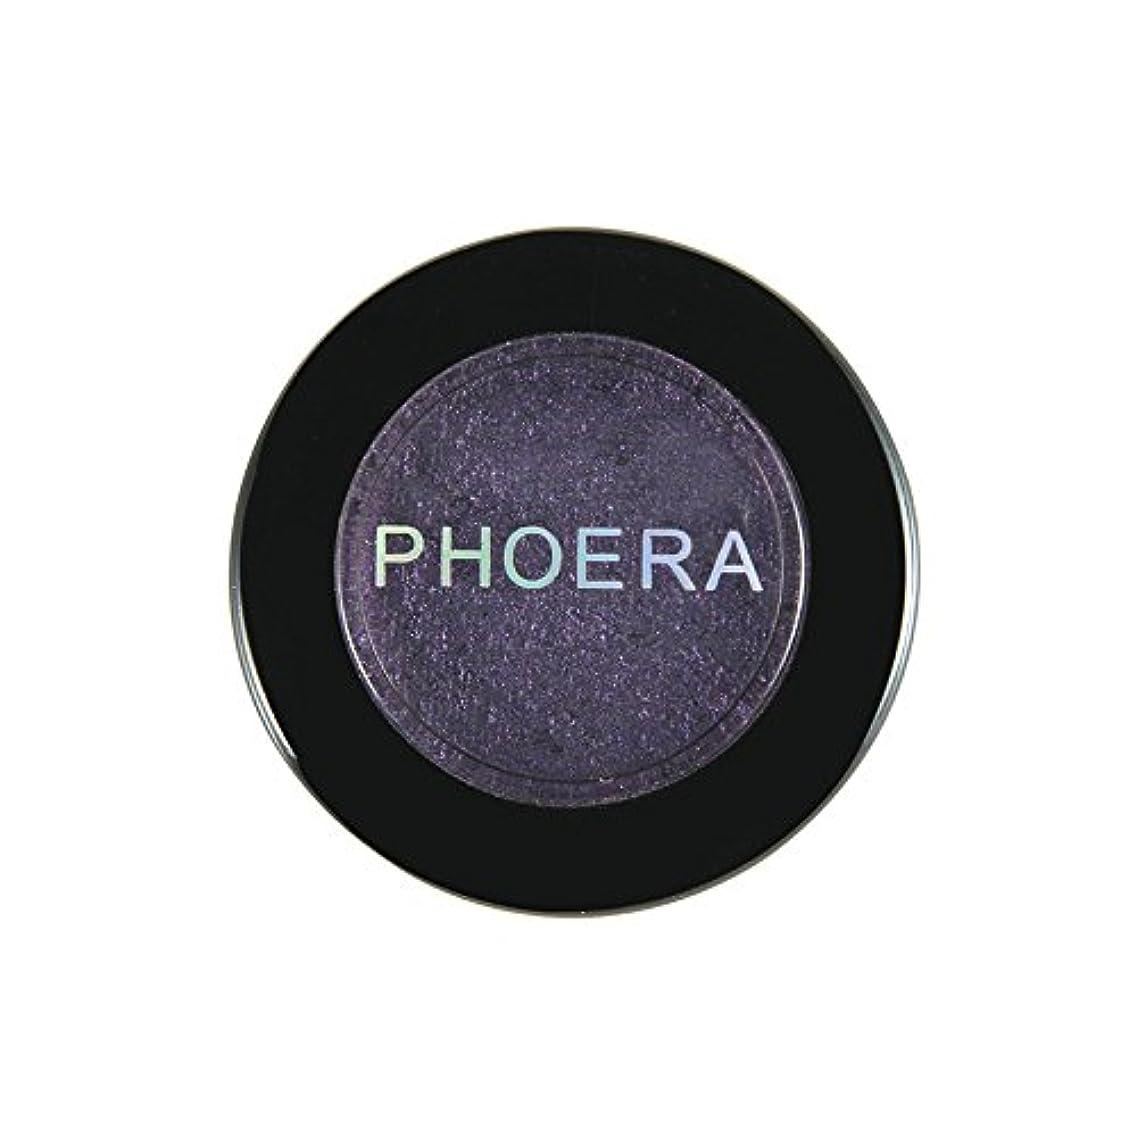 遺跡姿を消す上がるAkane アイシャドウパレット PHOERA 人気 ファッション 魅力的 マッシュポテト 単なる 一つだけ 綺麗 チャーム 長持ち おしゃれ 持ち便利 日常 仕事 Eye Shadow (4色)